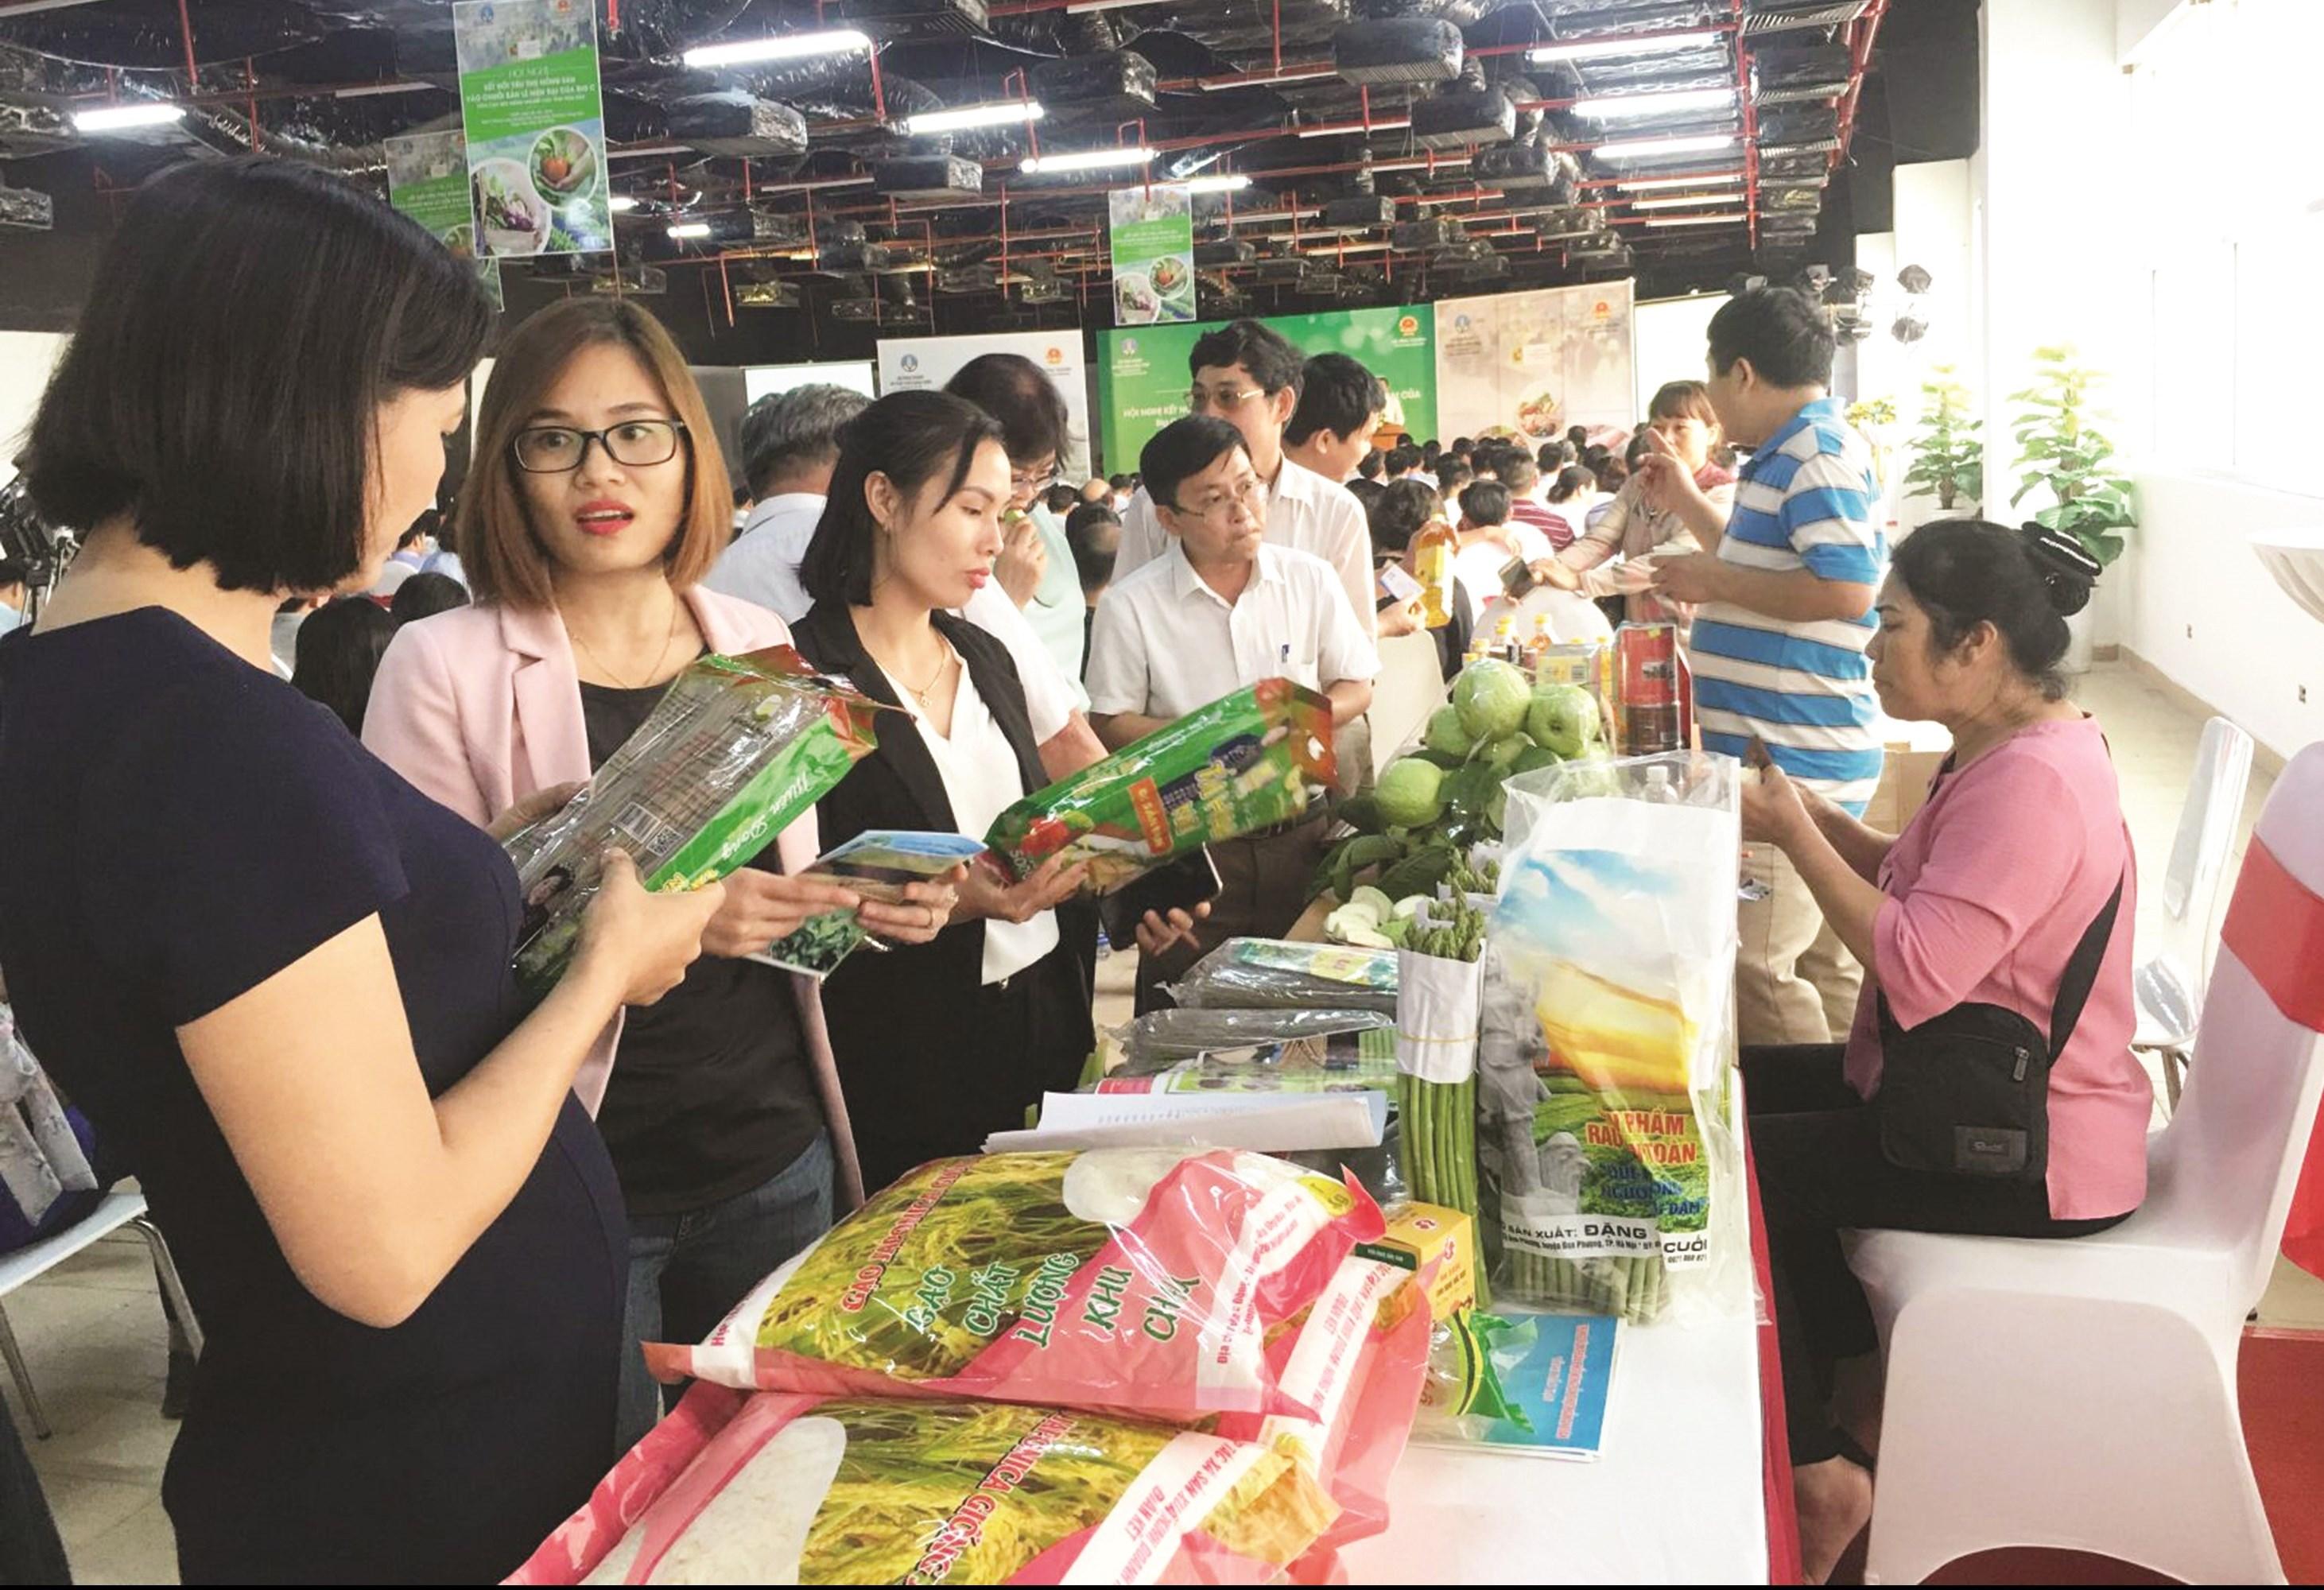 Giới thiệu, quảng bá, kết nối sản phẩm OCOP gắn với văn hóa các tỉnh miền núi phía Bắc tại phố đi bộ Trịnh Công Sơn (Hà Nội) diễn ra hồi tháng 7/2020